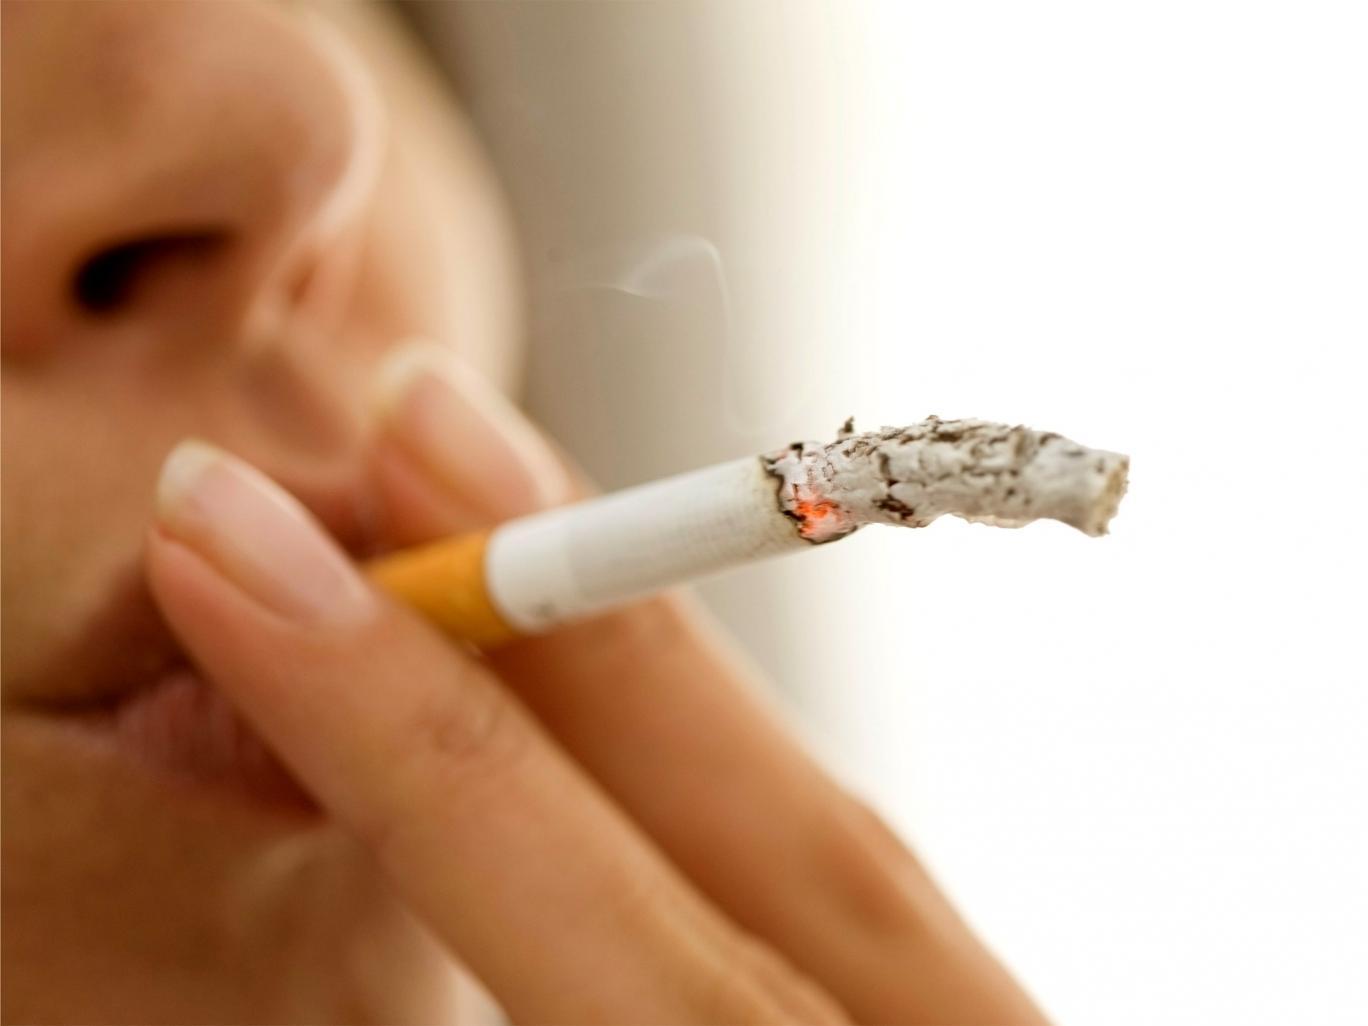 Курение считается основным фактором риска развития рака полости рта.